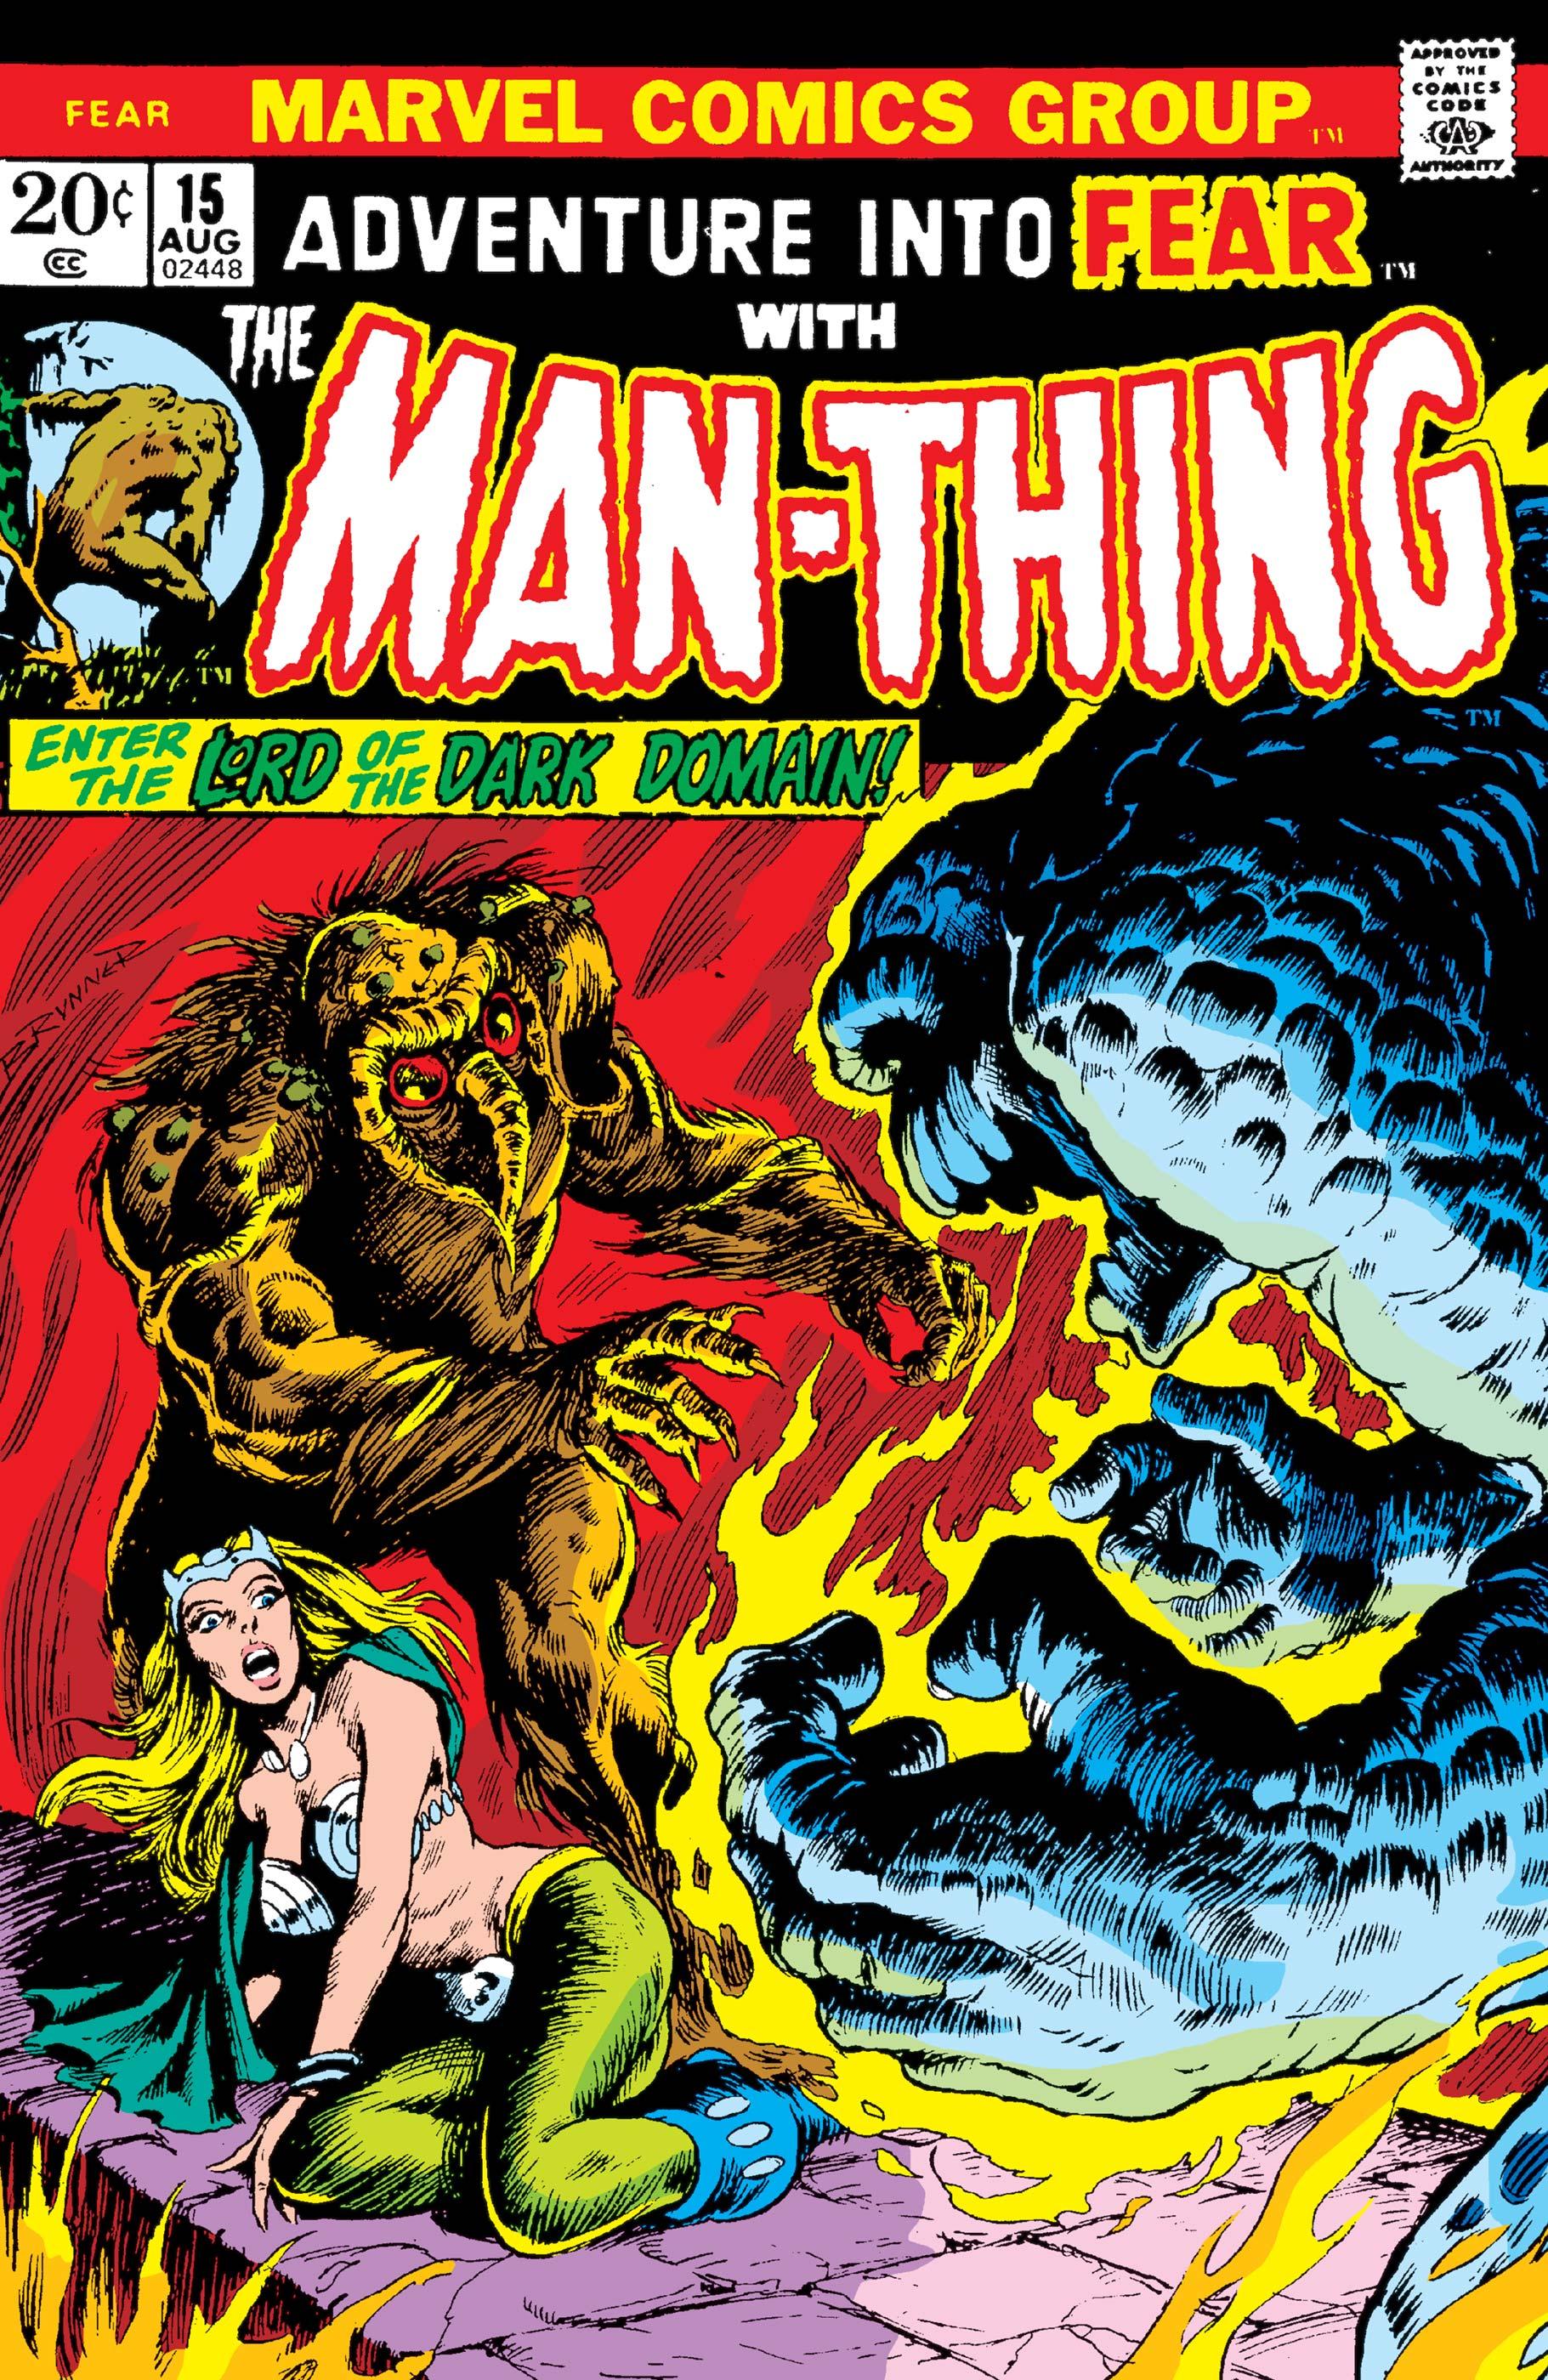 Adventures Into Fear (1970) #15